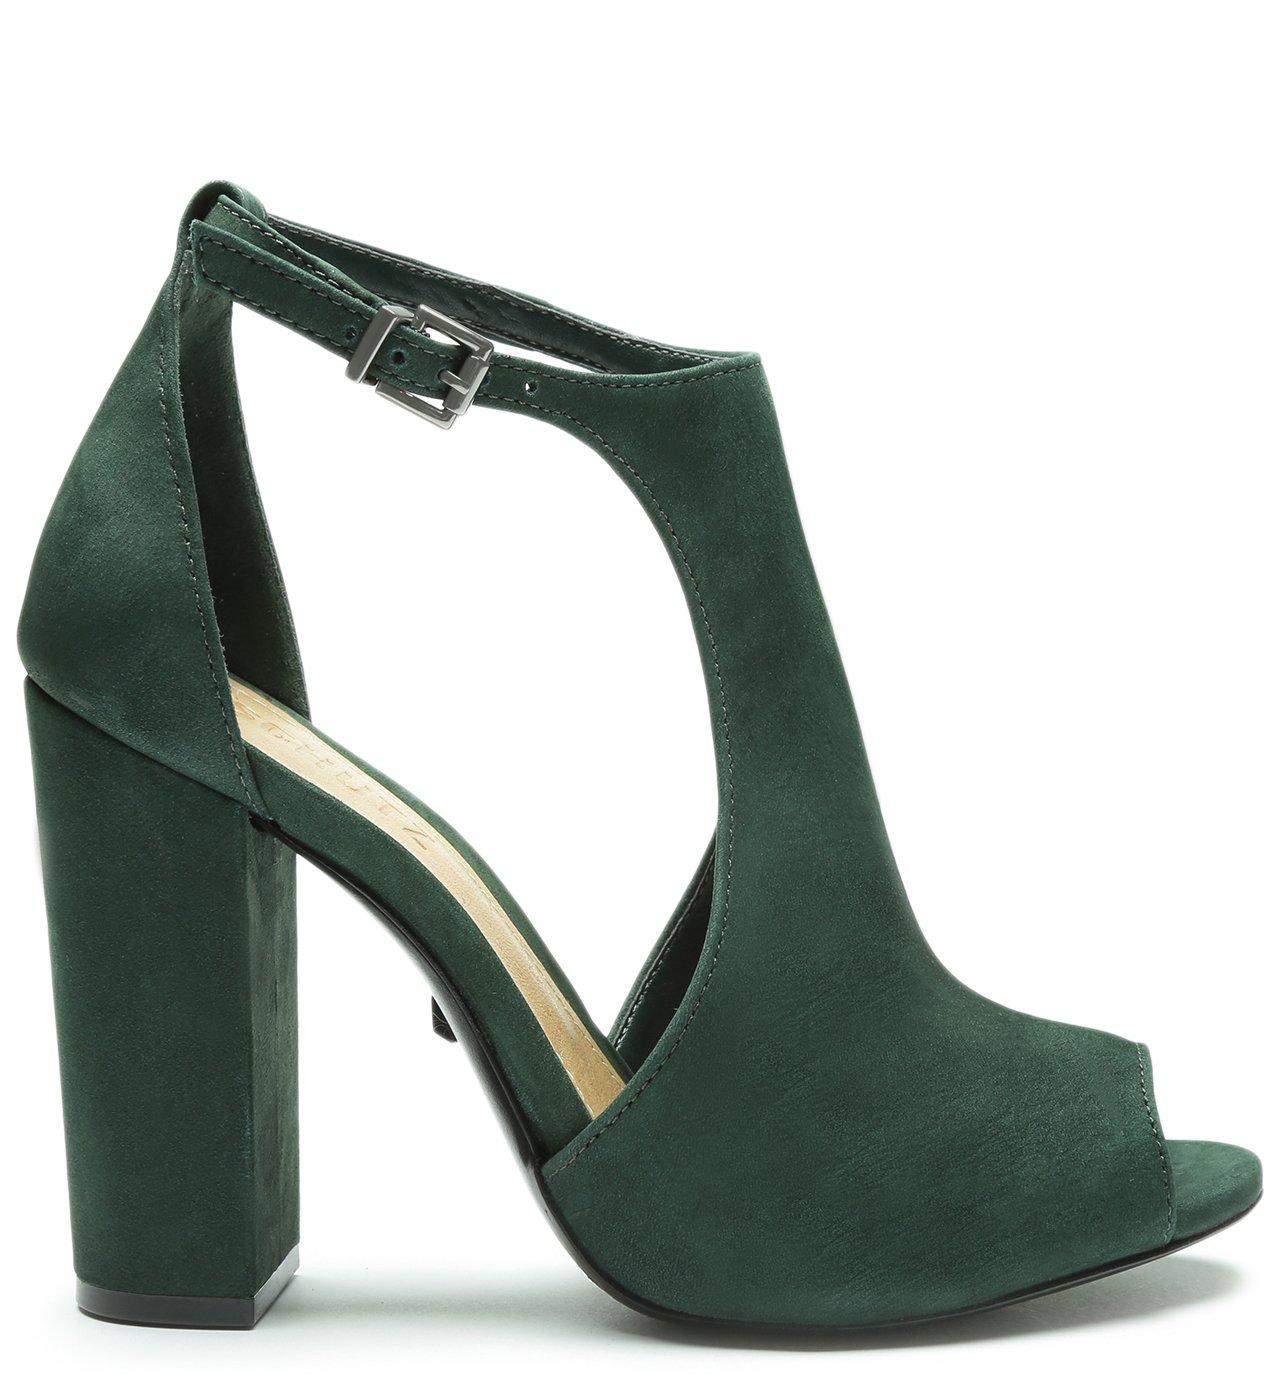 Sandália Block Heel Green | Schutz